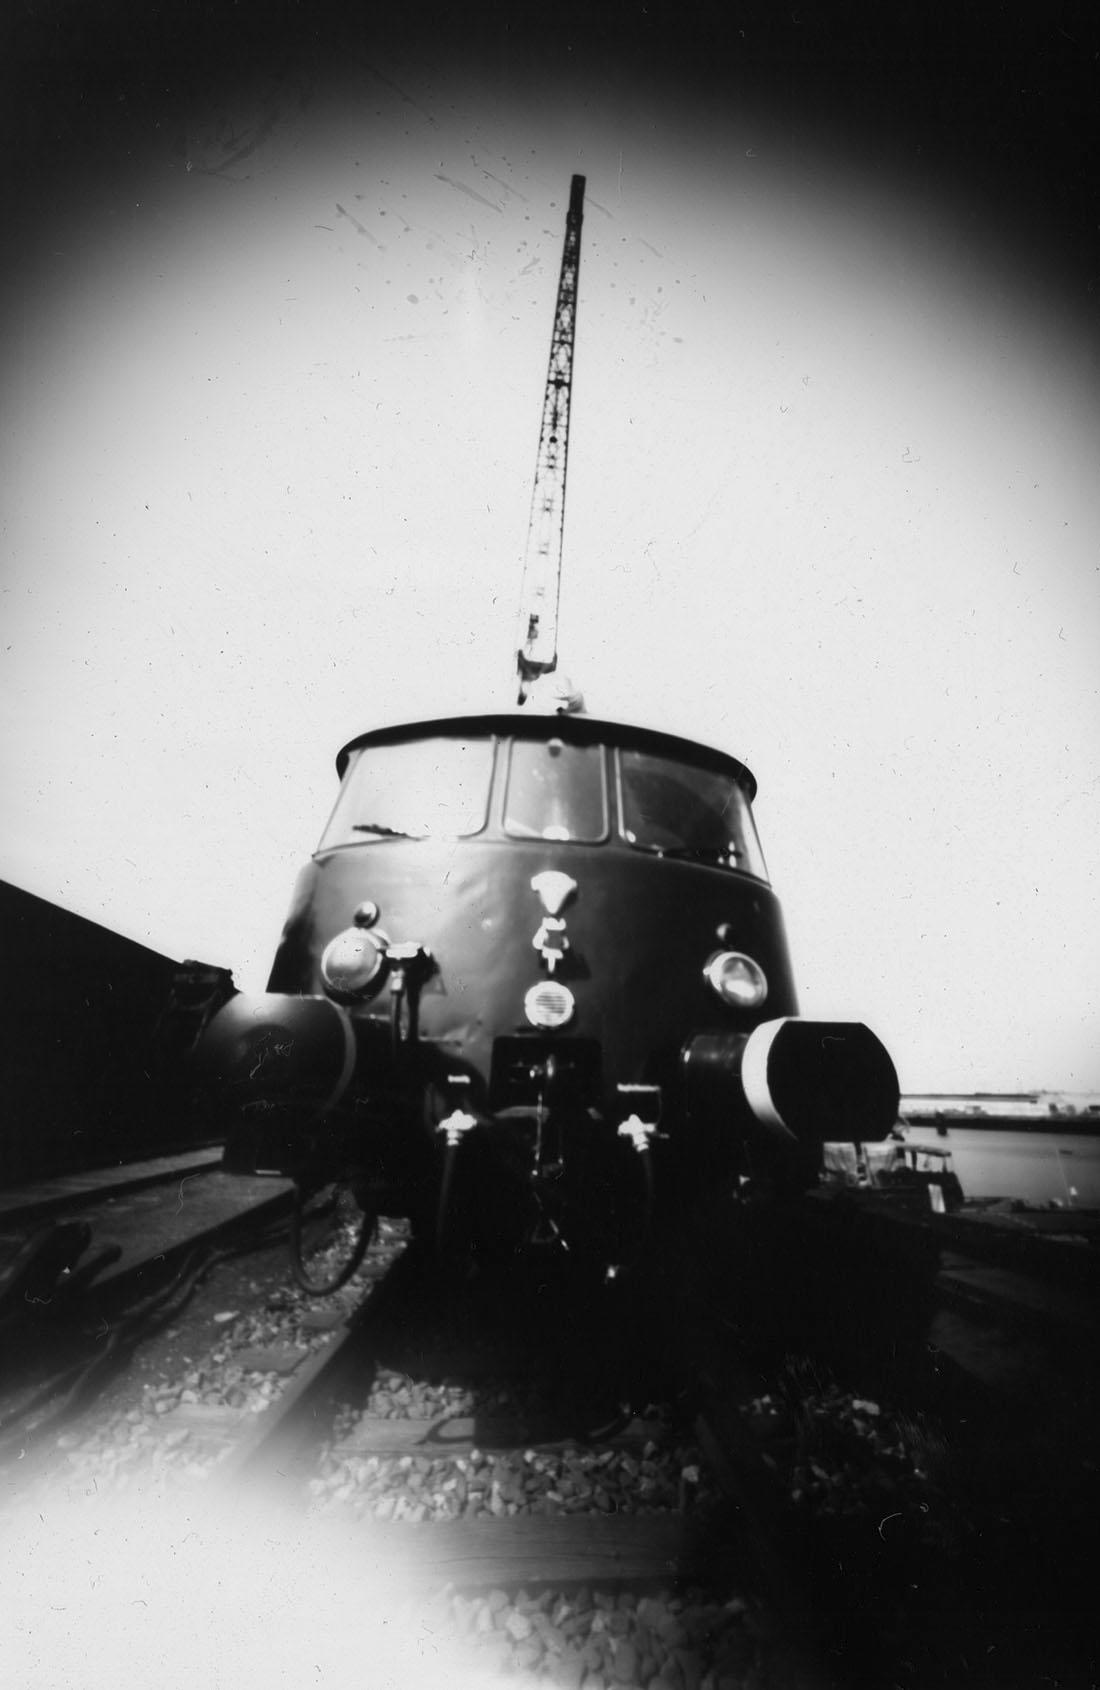 Hamburger Hafenbahn Fridolin, Lochkamera Fotografie